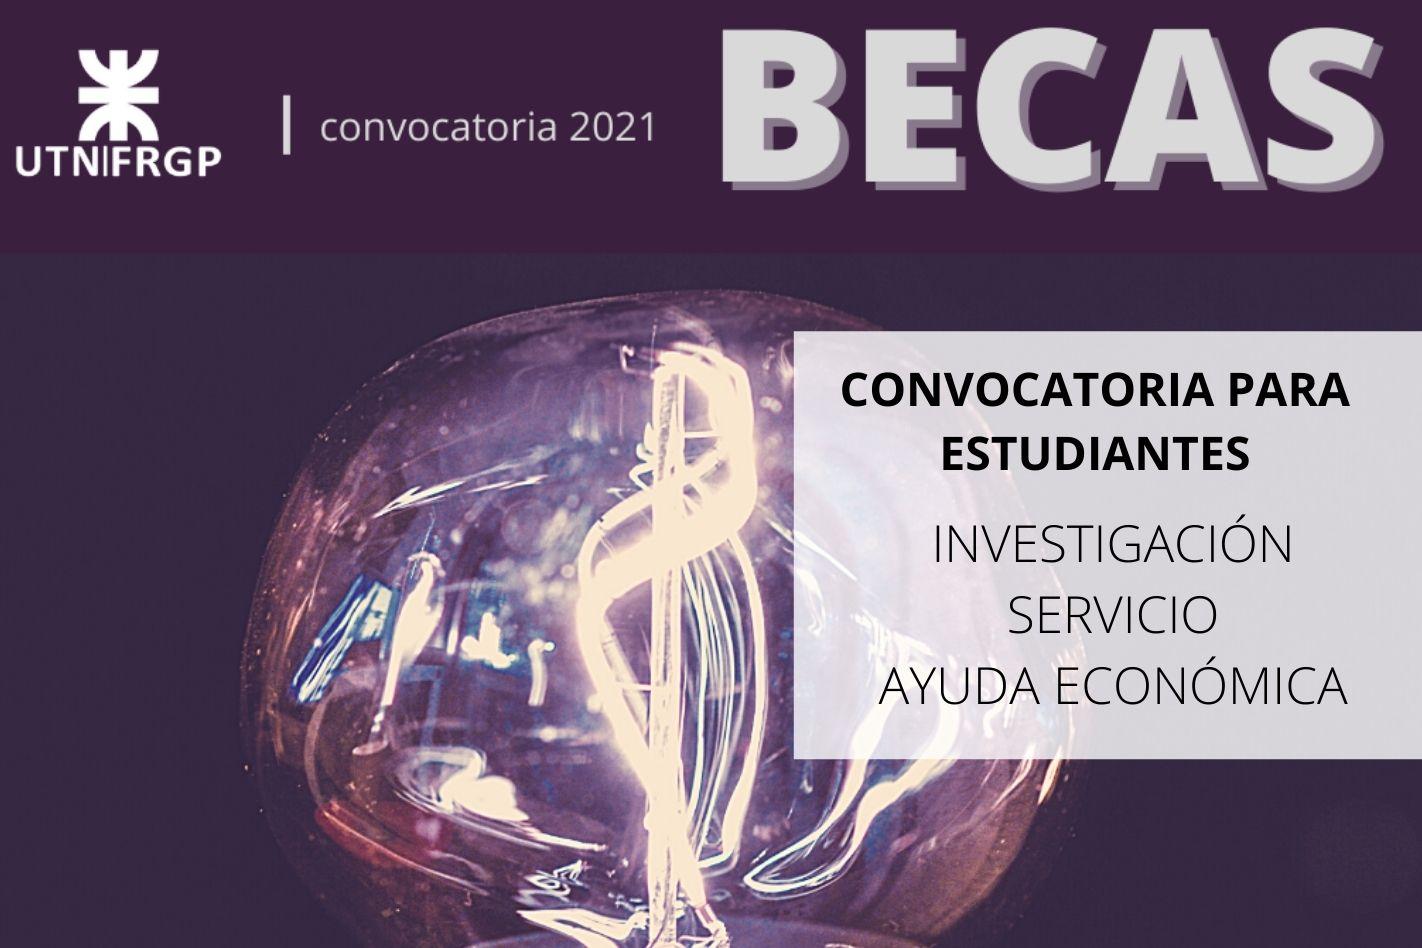 Convocatoria 2021 - Becas